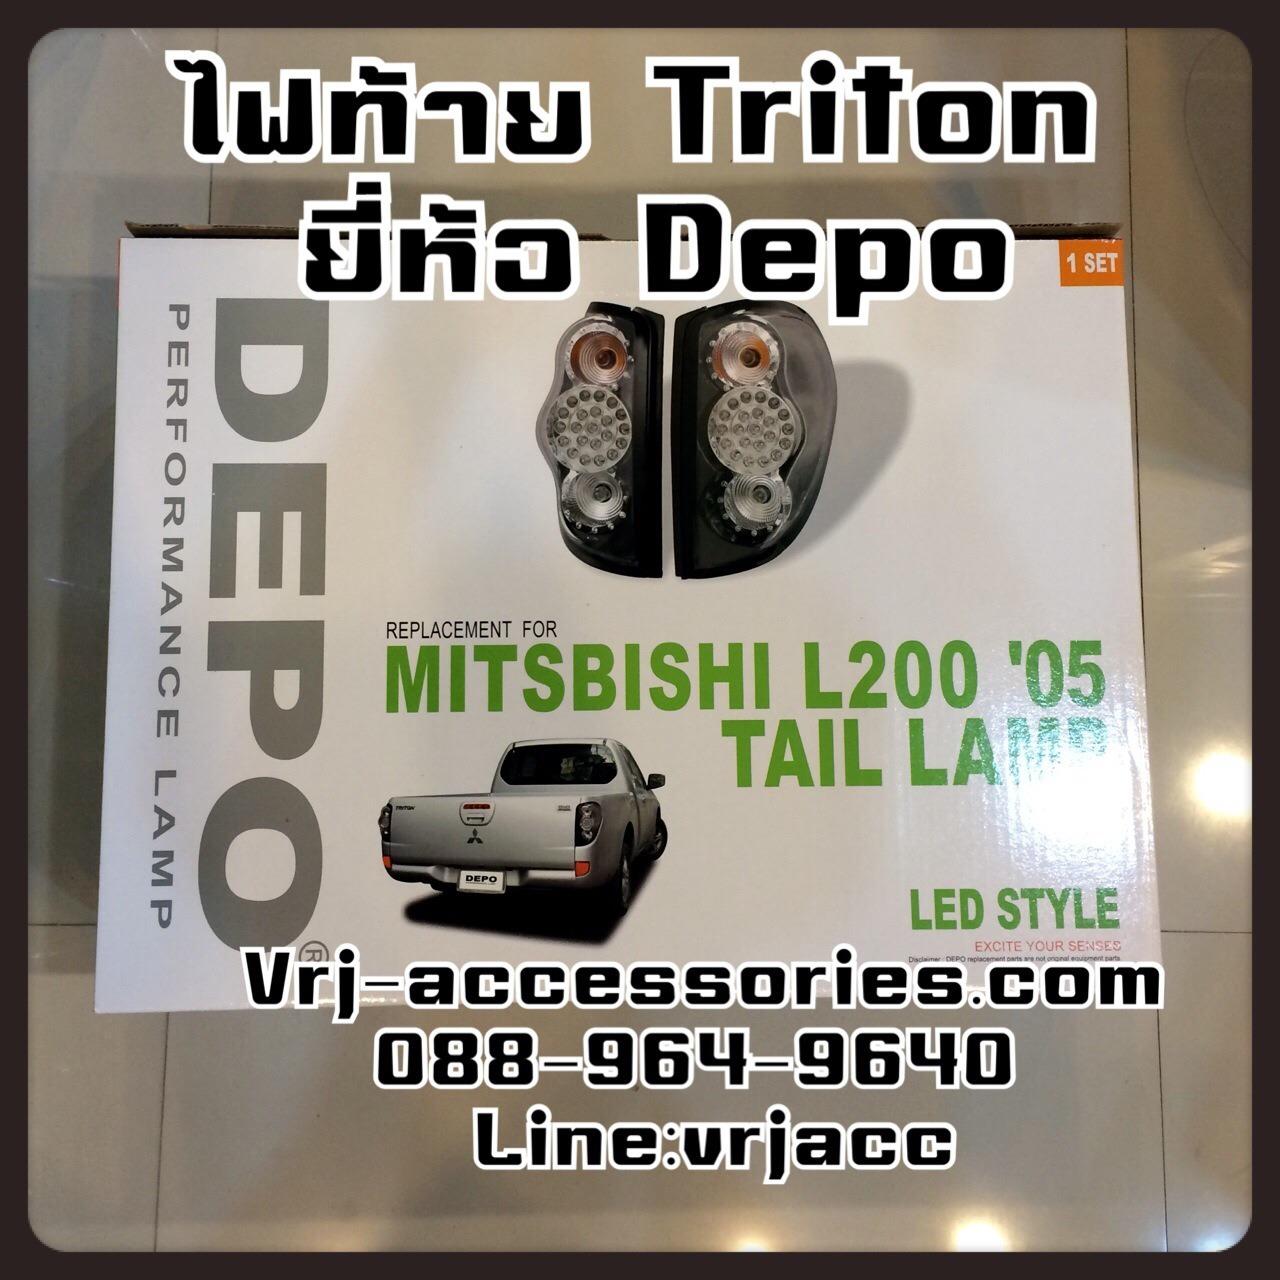 ไฟท้าย LED มิตซูบิชิ ไตรตัน : Mitsubishi – TRITON 2005